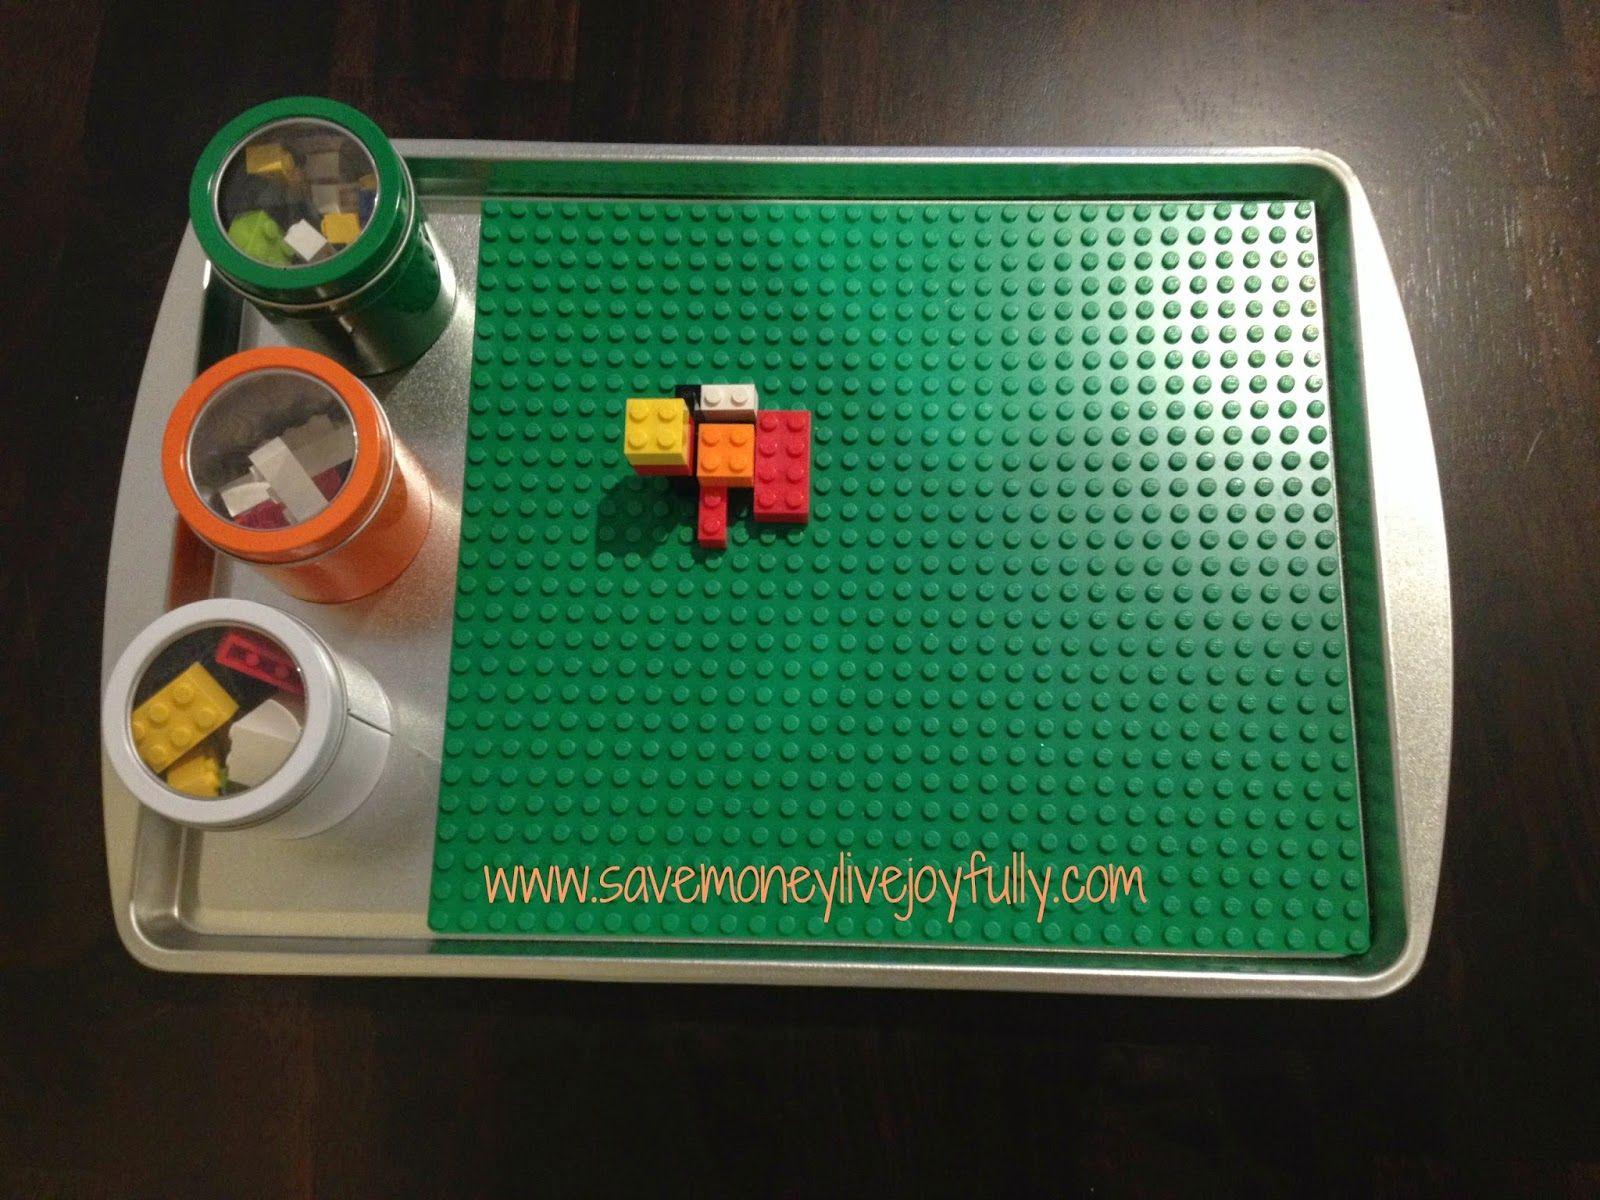 DIY Travel Lego Tray 21 DIY Lego Trays and Organization Ideas